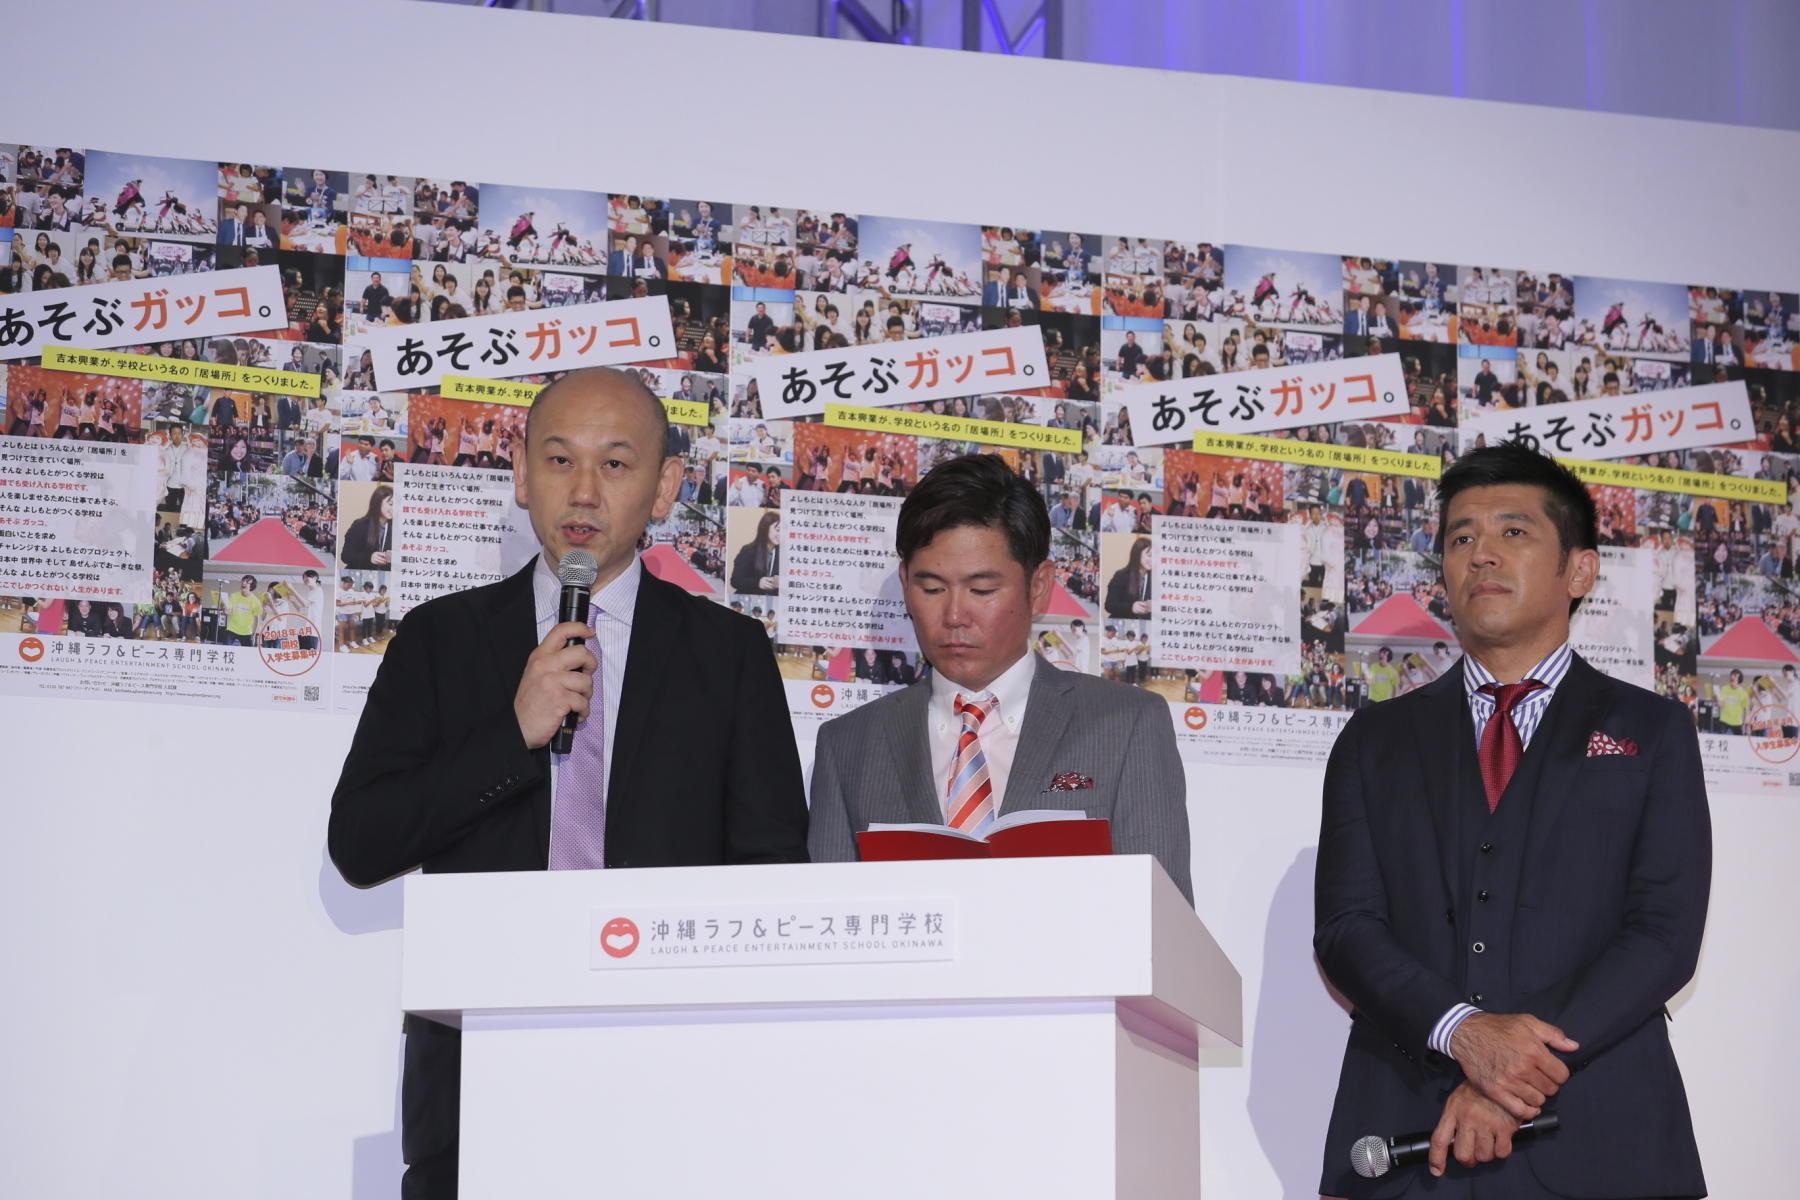 http://news.yoshimoto.co.jp/20171006102723-e833b1266632da43c9c2a3b497cba7f4daca0b1f.jpg